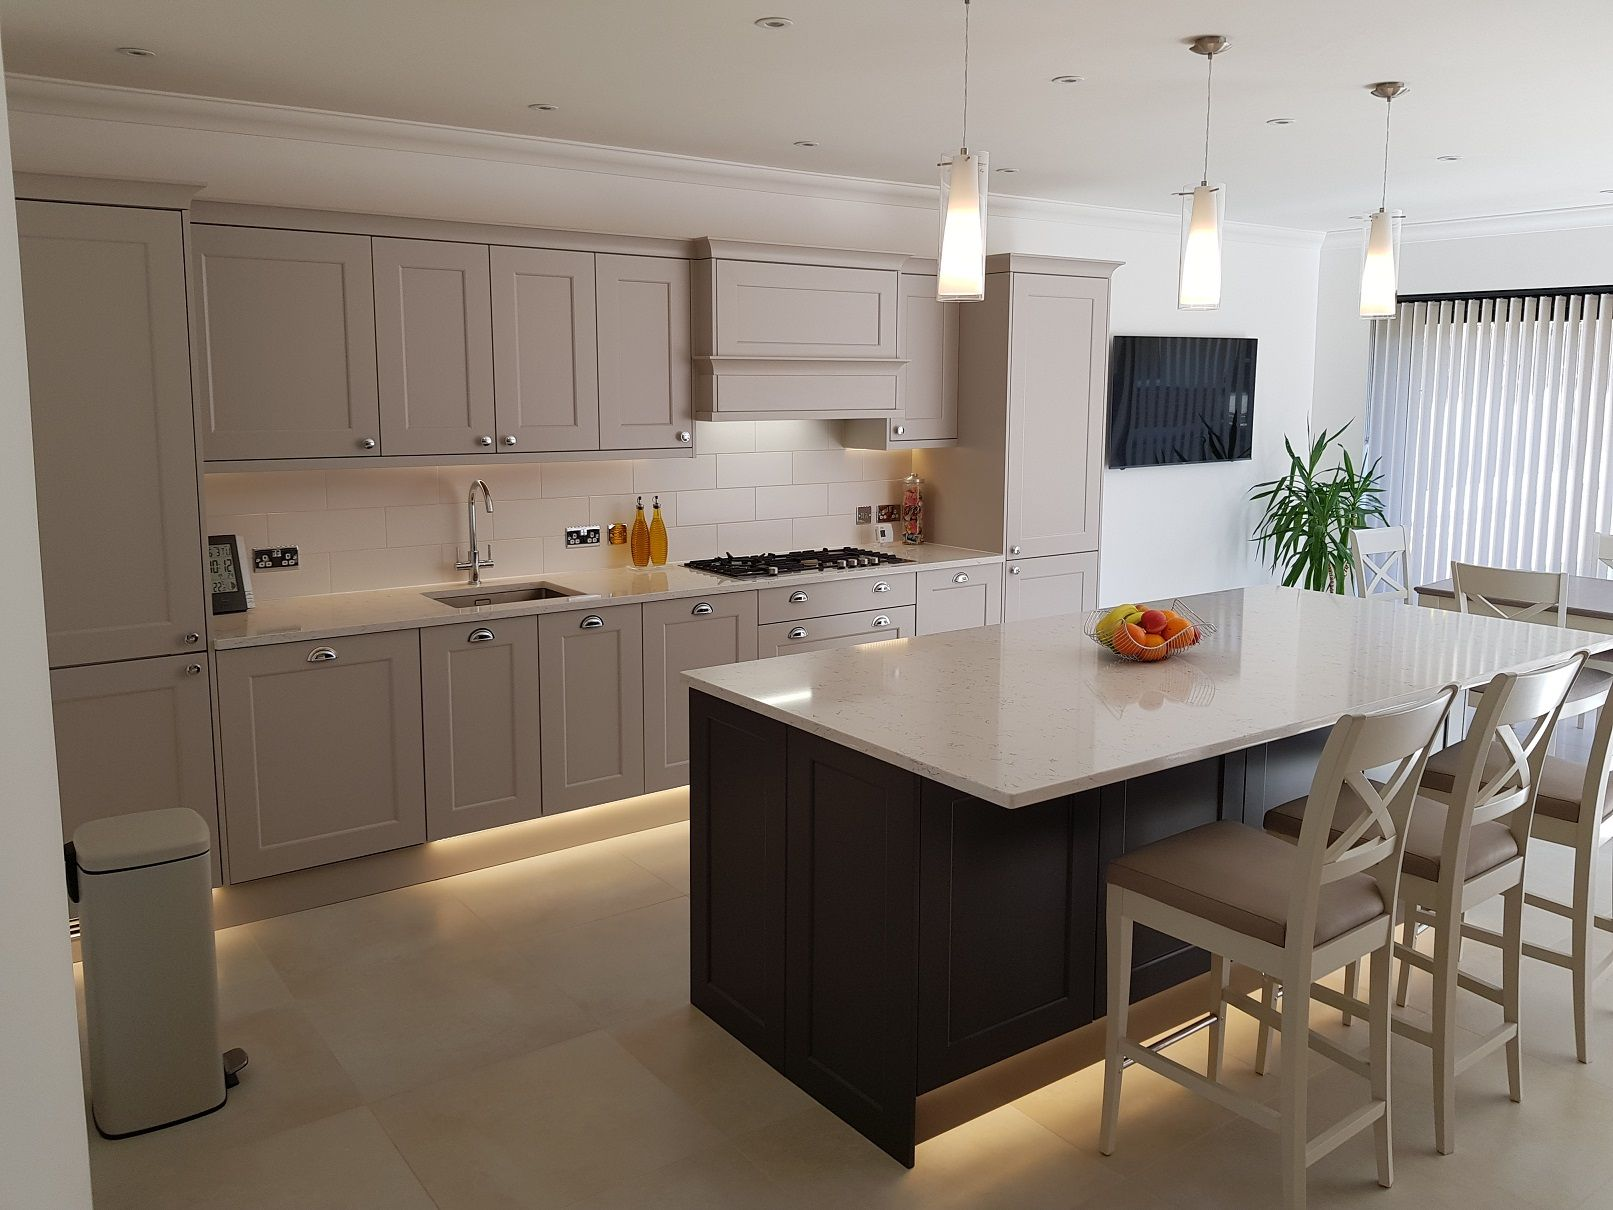 Cashmere & Graphite Shaker Hallmark Kitchen Designs